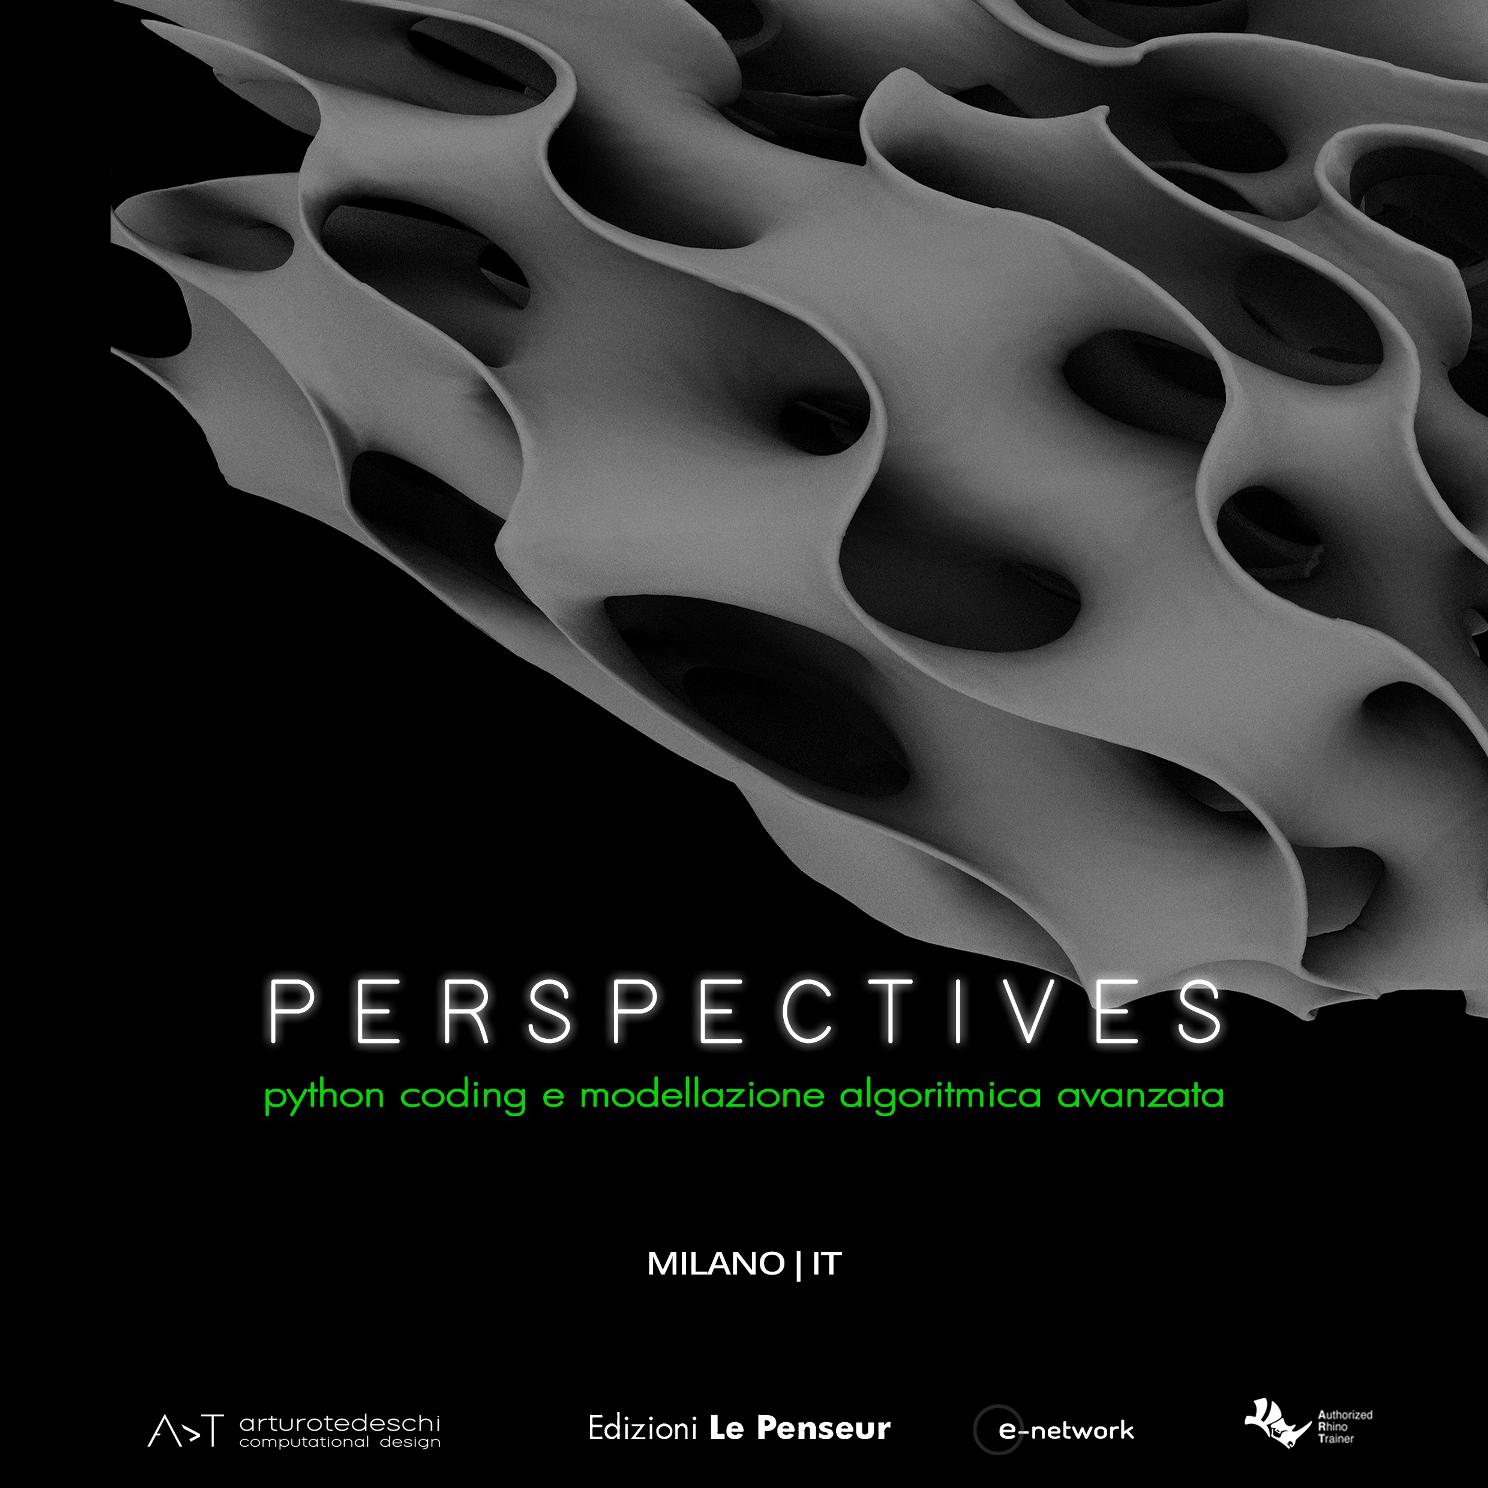 perspectives-arturo-tedeschi-python-coding-milano-iterazioni-future-computational-design-advanced-grasshopper